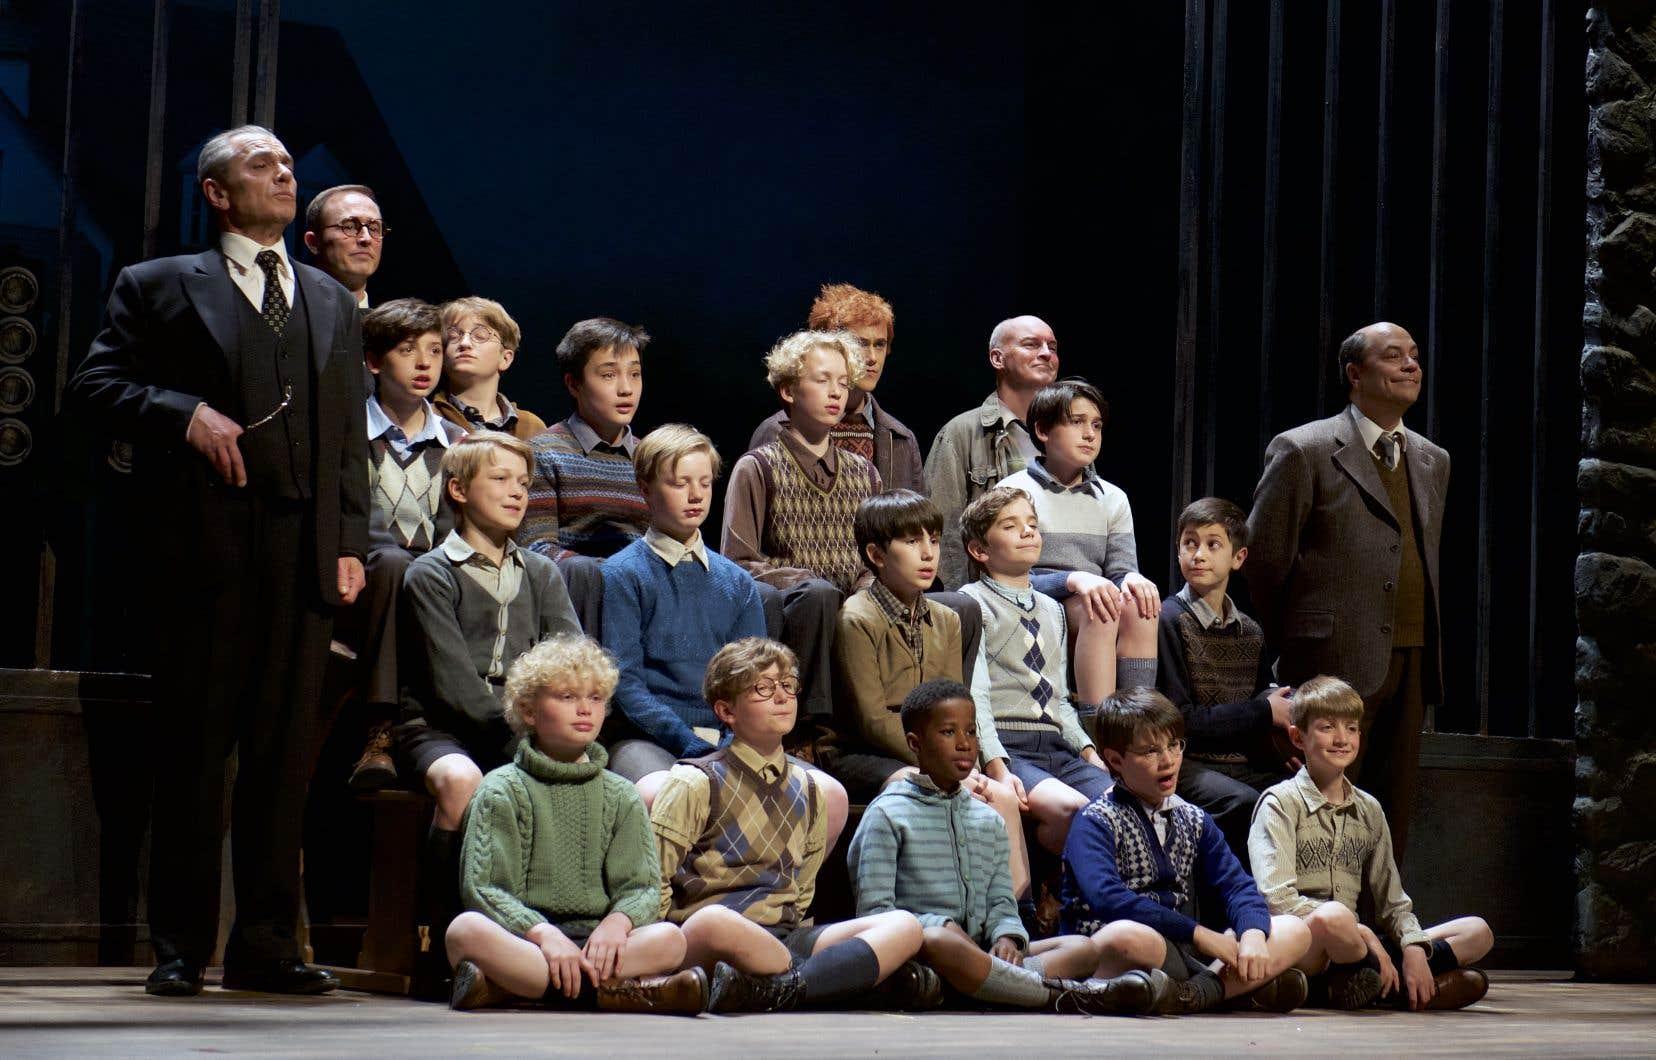 Les écoliers sont incarnés en alternance par deux distributions issues des Petits Chanteurs du Mont-Royal et des Petits Chanteurs de Laval.